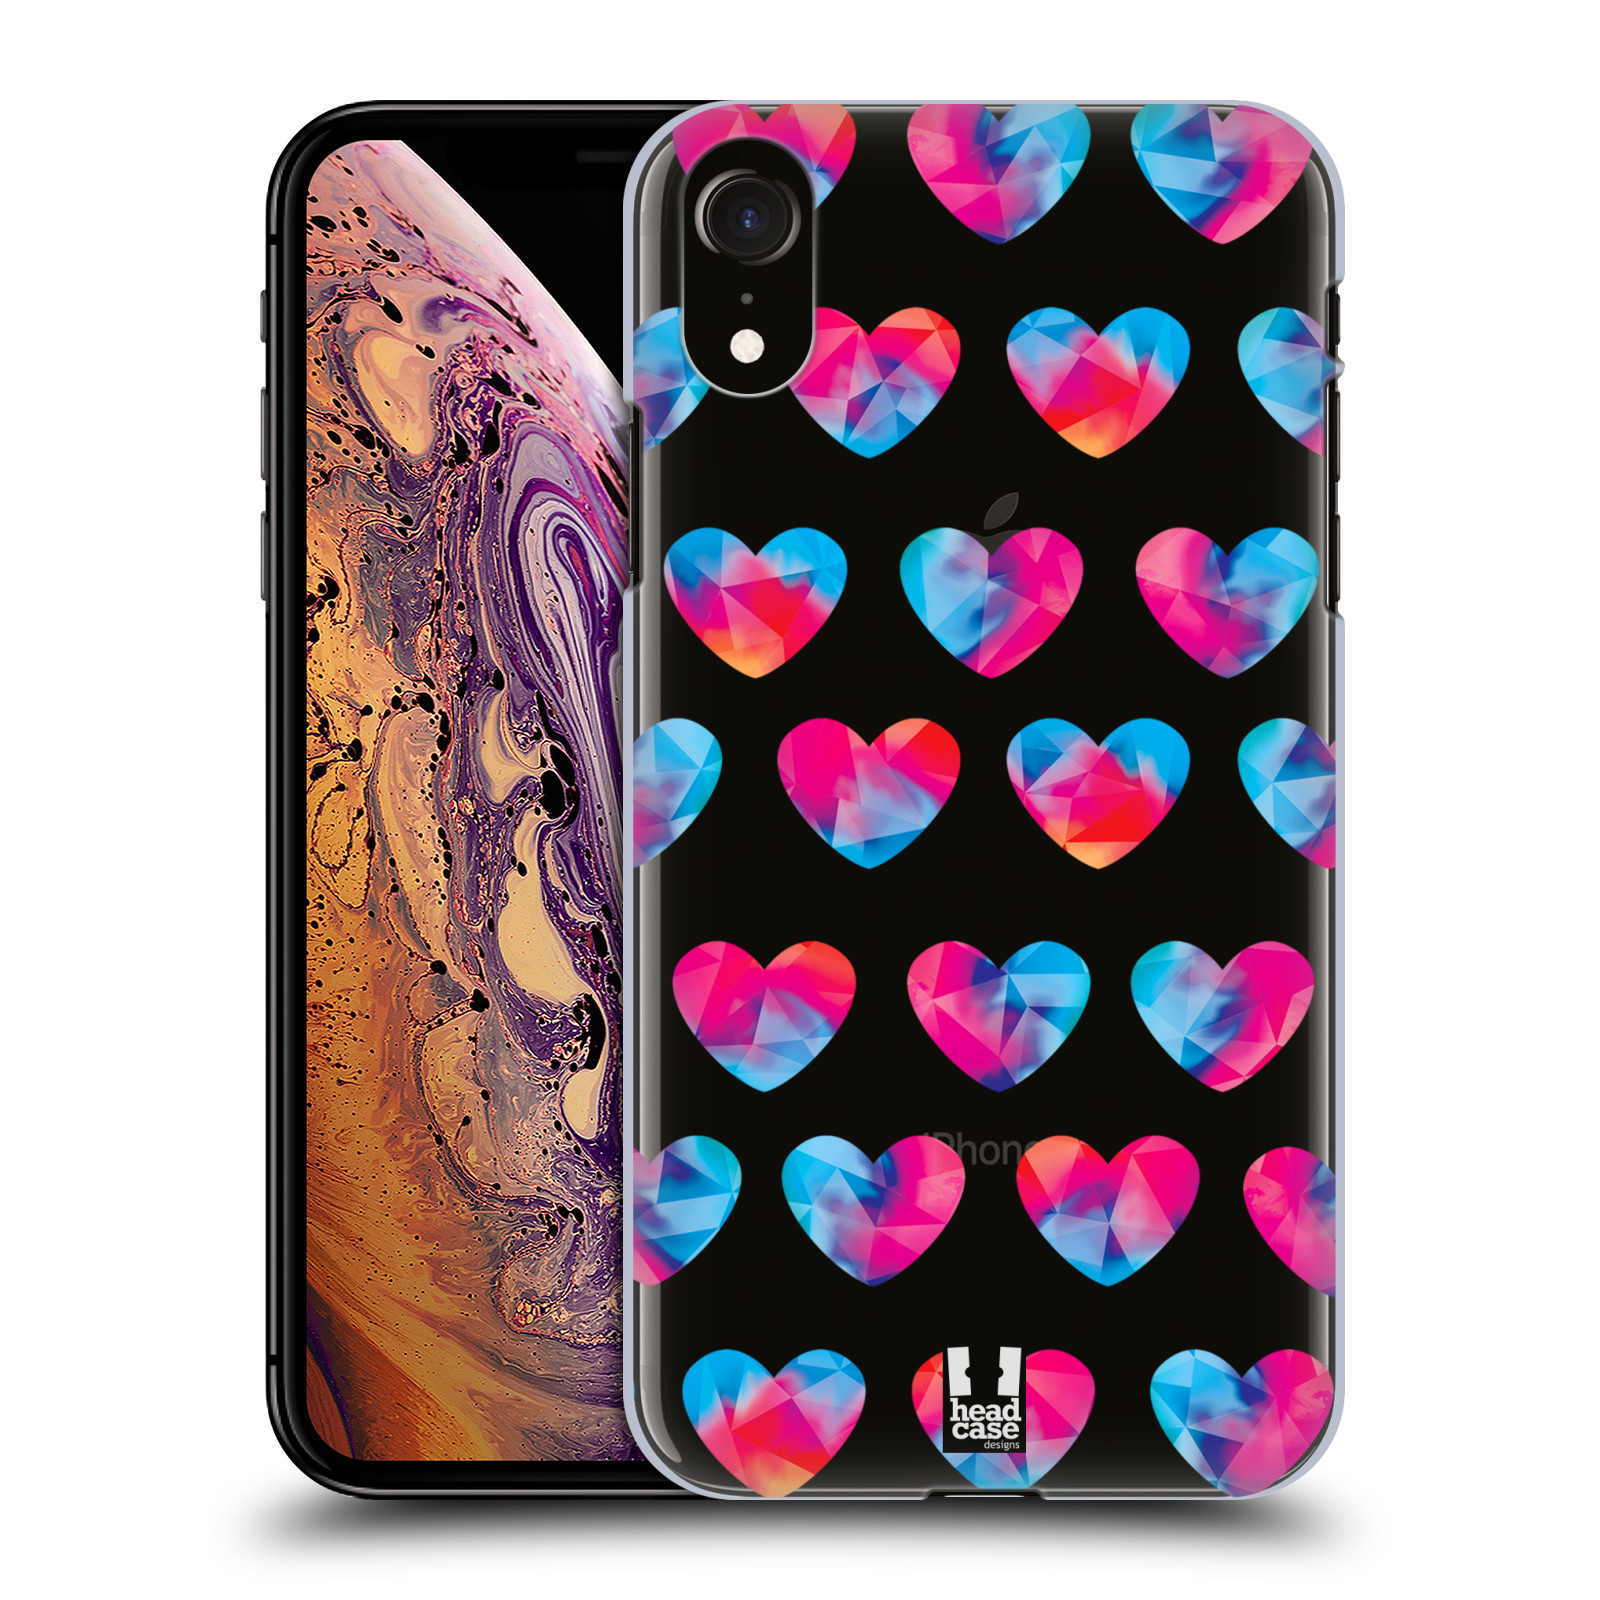 Plastové pouzdro na mobil Apple iPhone XR - Head Case - Srdíčka hrající barvami